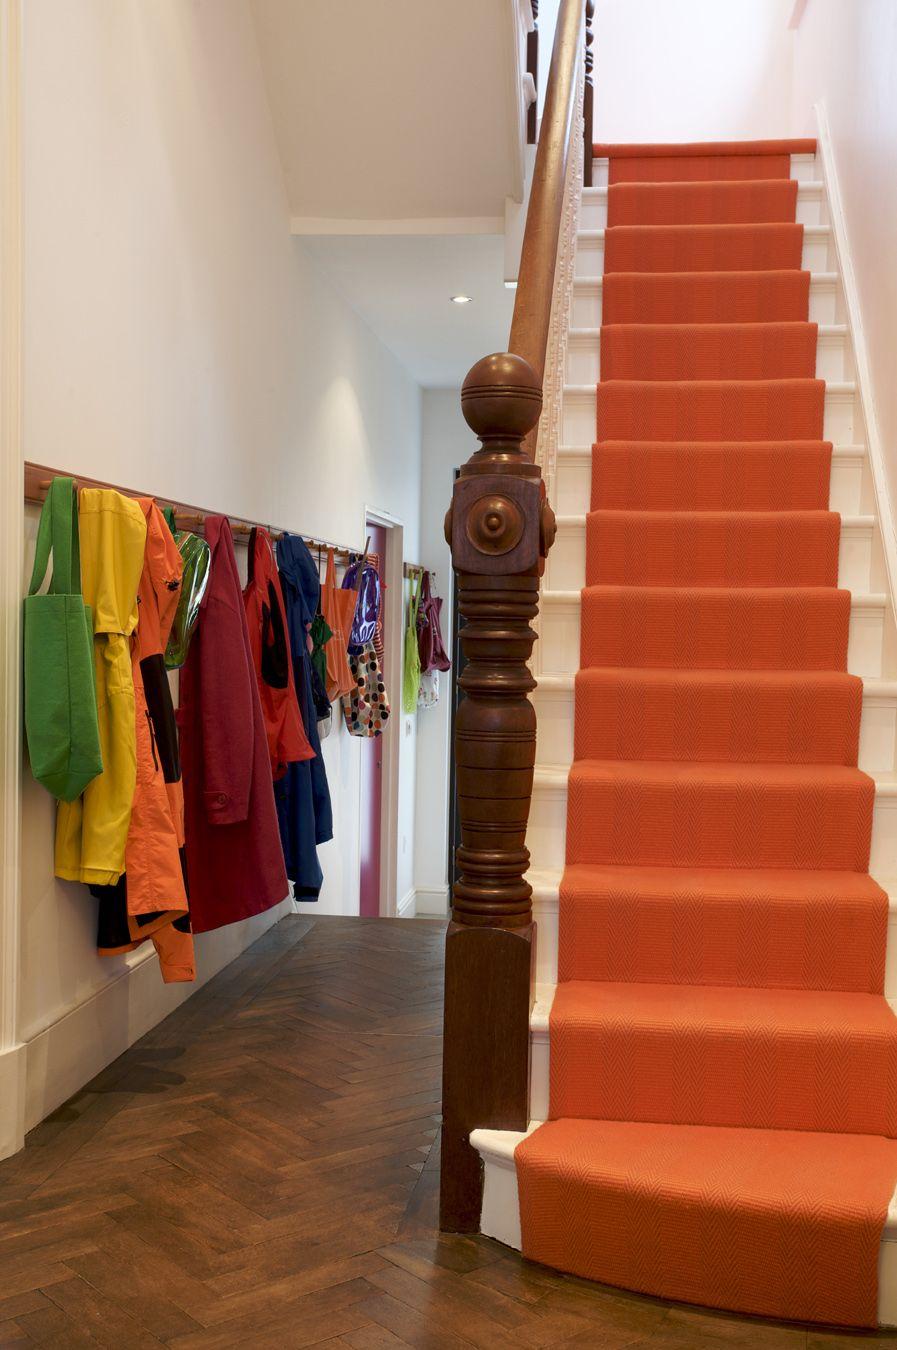 Hallway stair carpet ideas  Een opvallende kleur tapijt voor op de trap Durf jij het aan